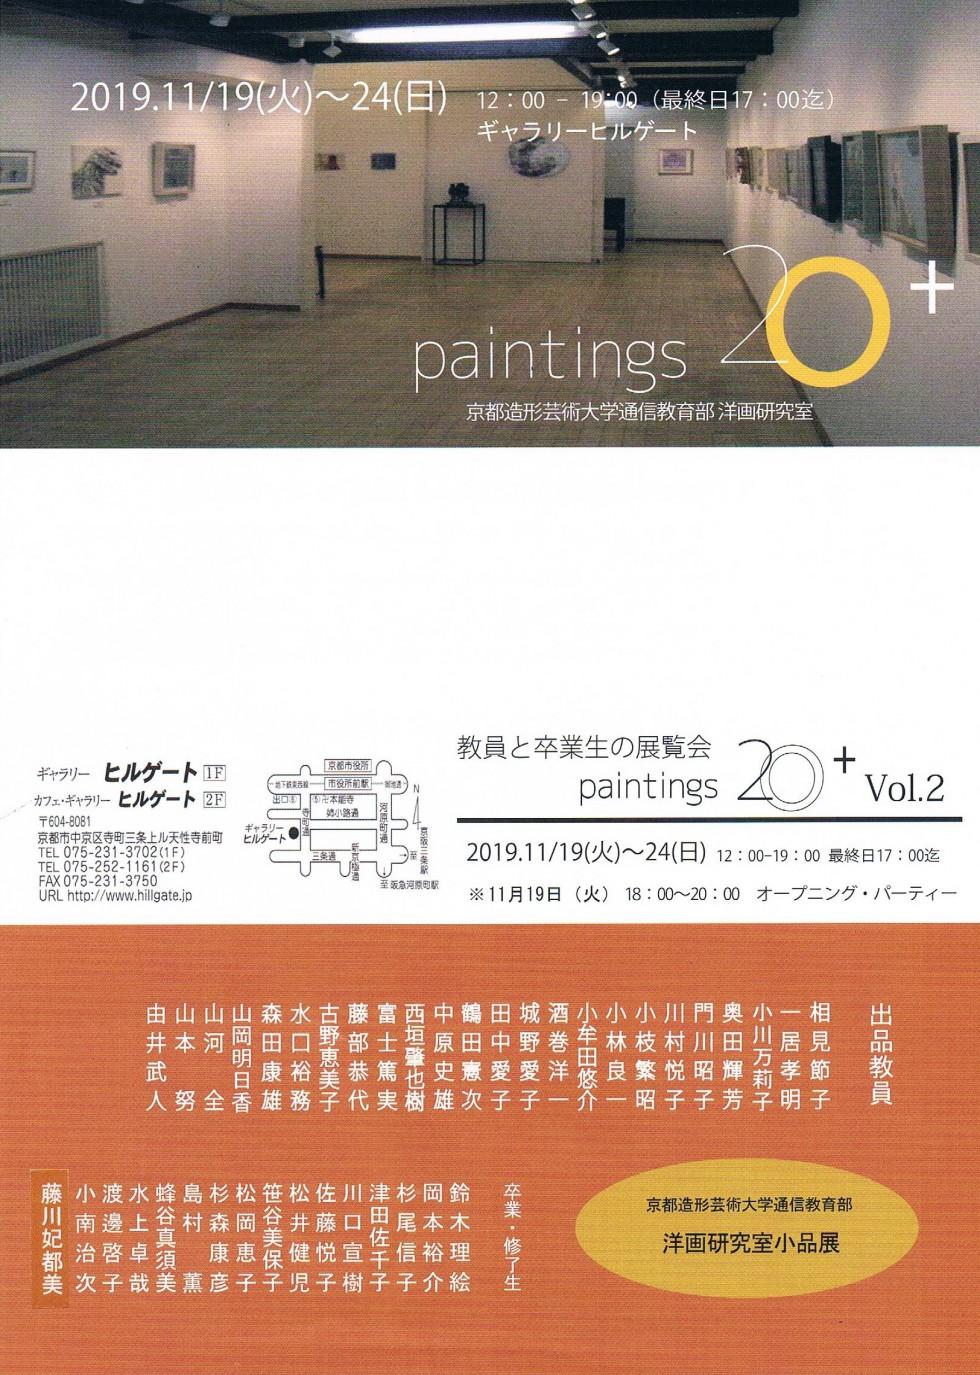 paintings20+